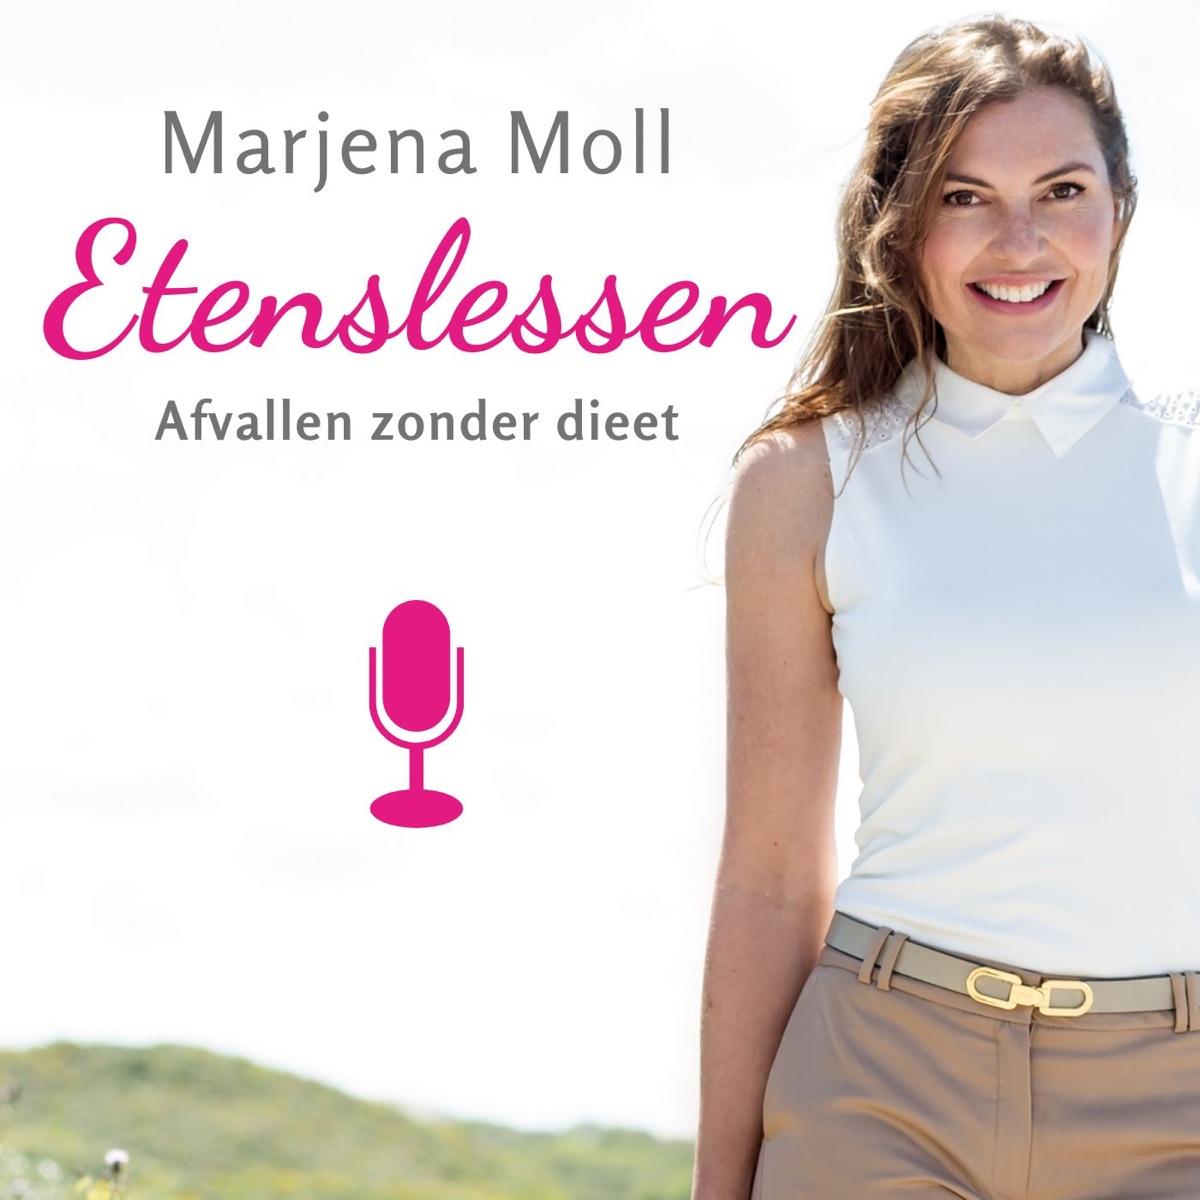 Afvallen met Etenslessen van Marjena Moll